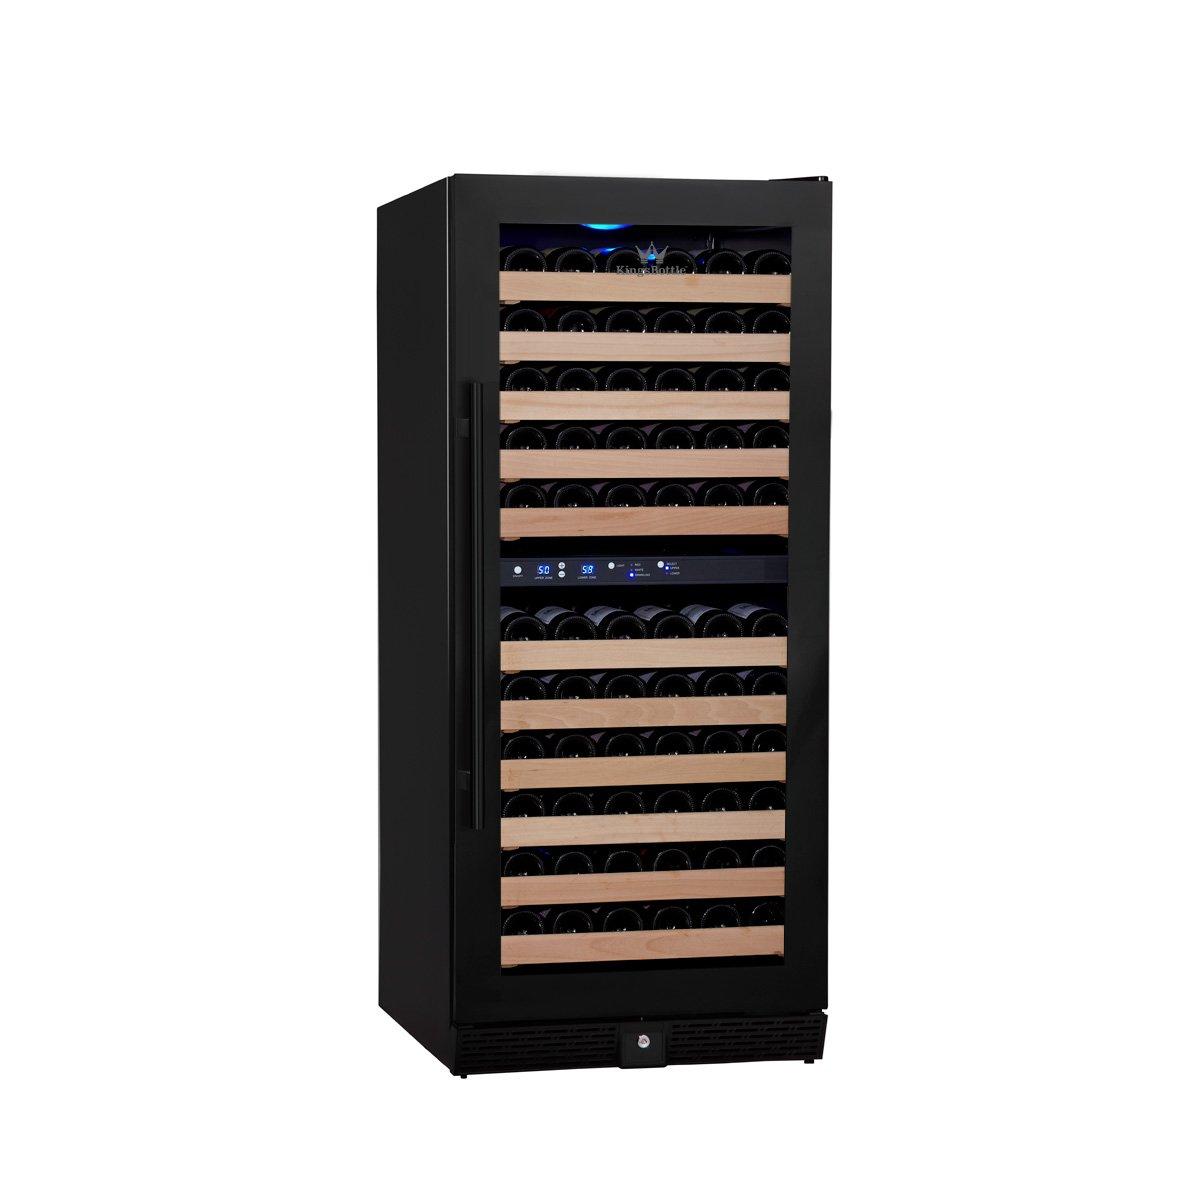 KingsBottle 106 Bottle Dual Zone Wine Cooler, Black with Glass Door by KingsBottle